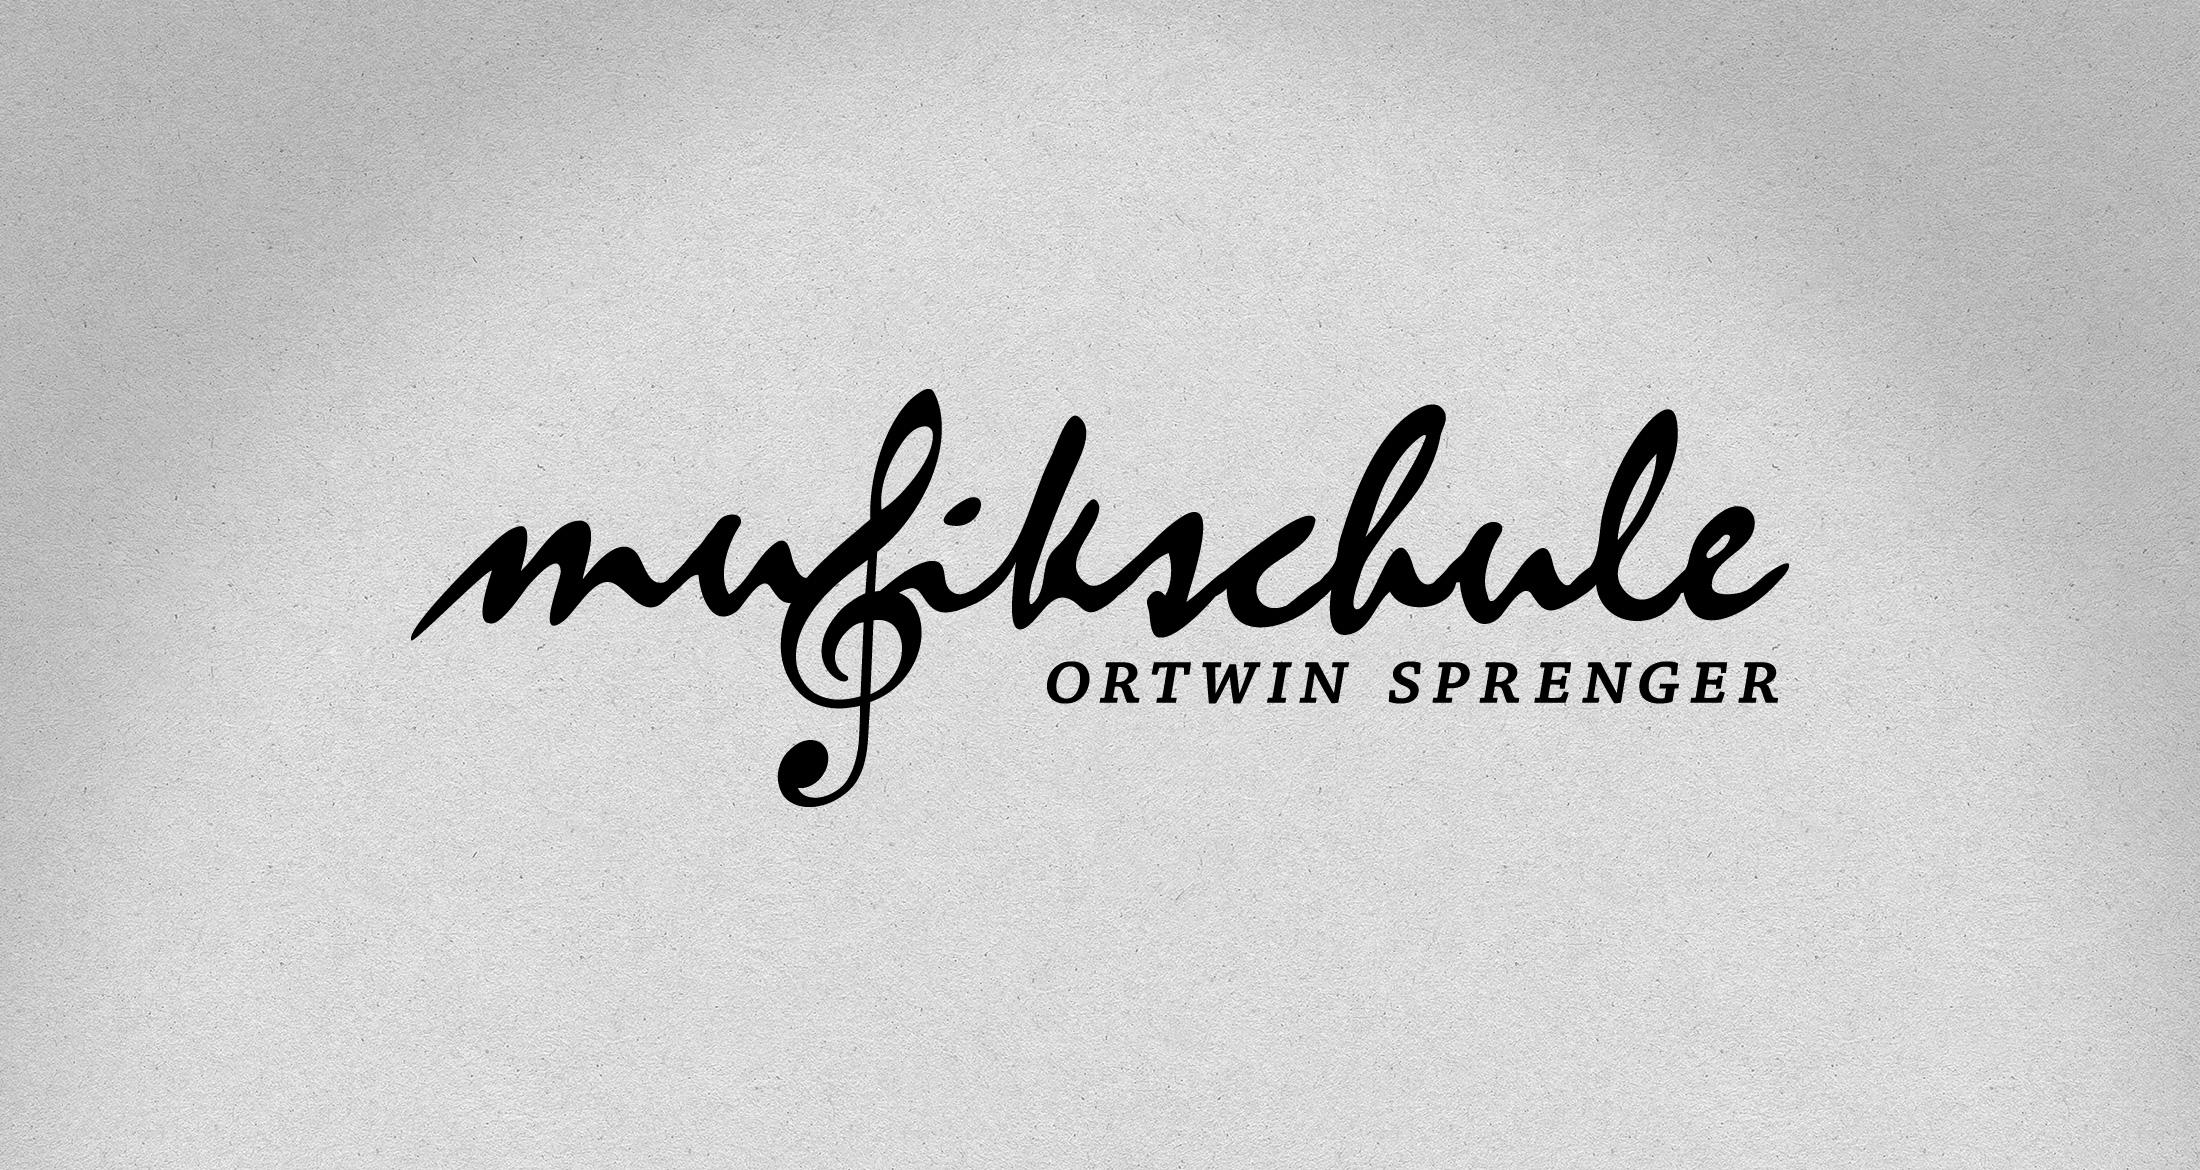 Logo Musikschule Ortwin Sprenger, Albisheim, 1-farbig schwarz